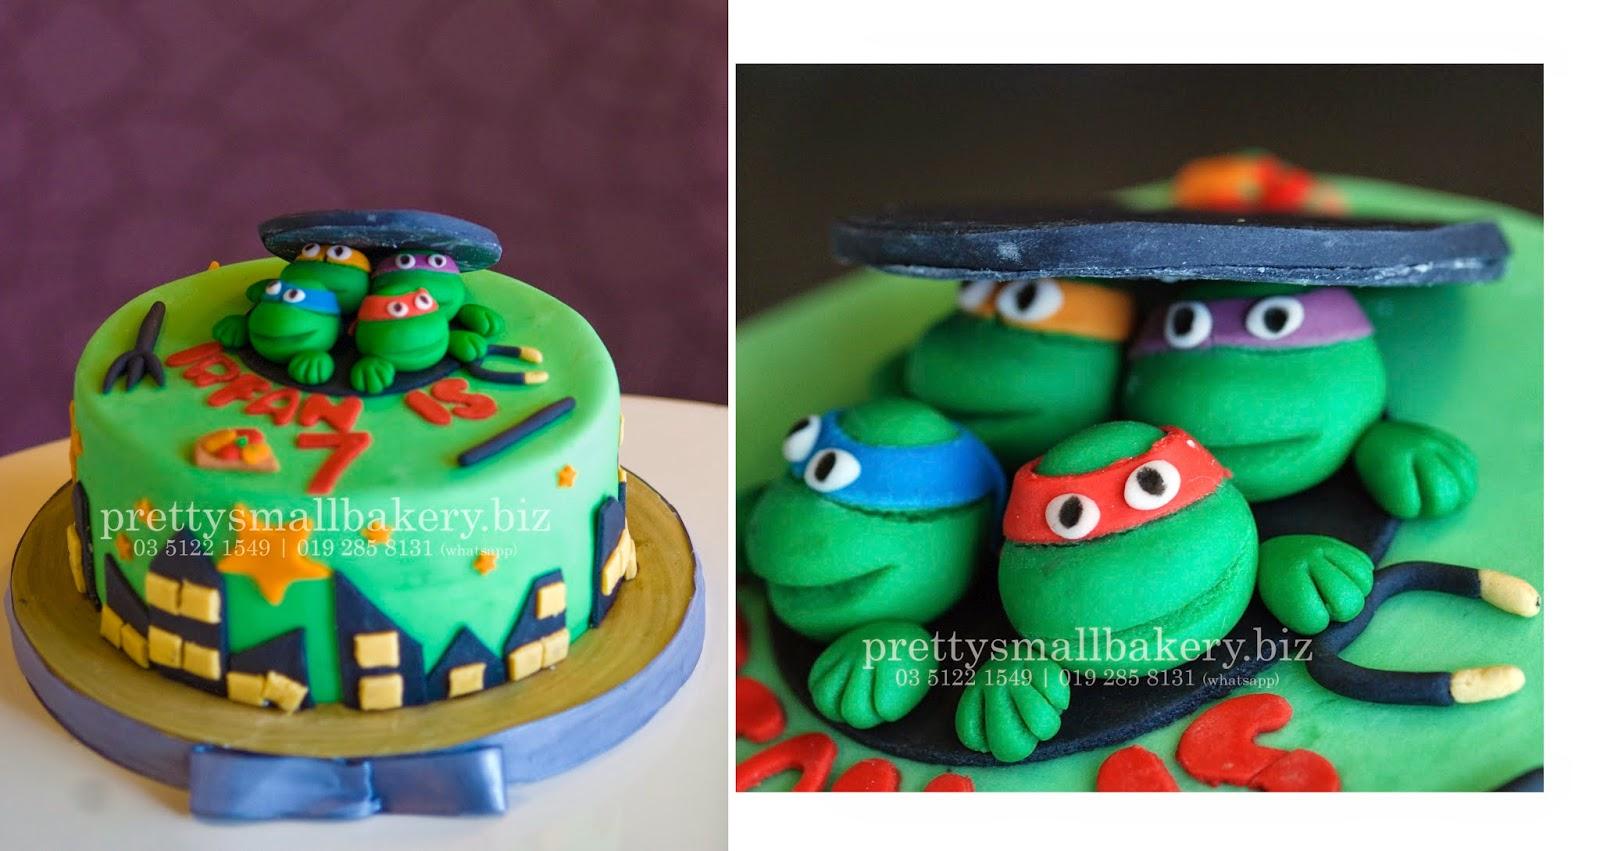 Kek Birthday Ninja Turtle Prettysmallbakery